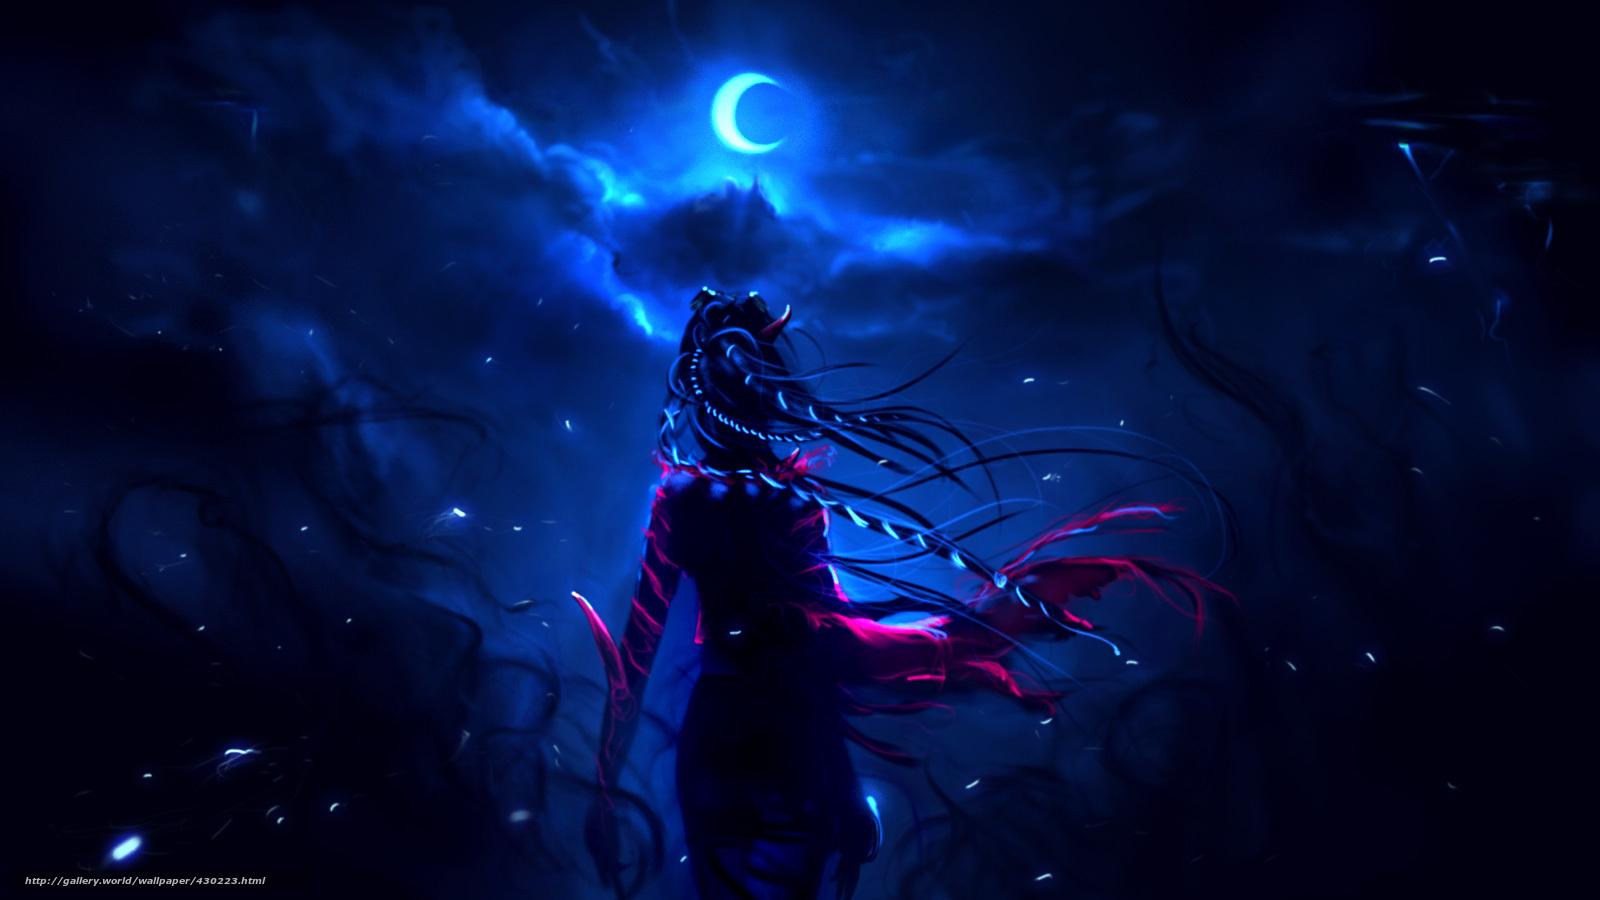 壁紙をダウンロード 夜 月 巫女 デスクトップの解像度のための無料壁紙 1600x900 絵